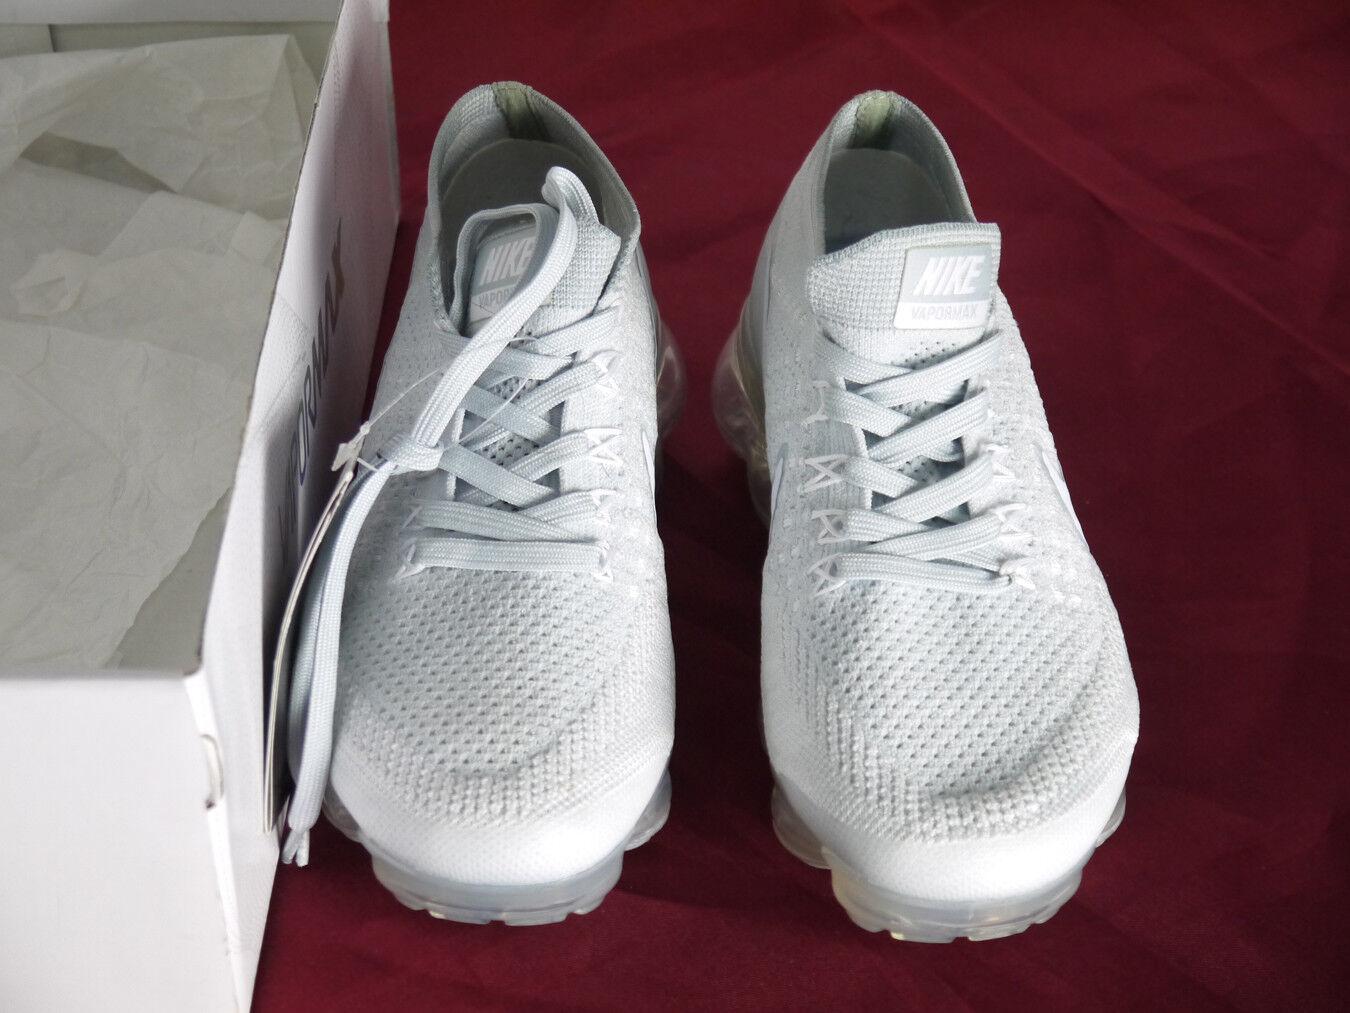 la nouvelle air taille limitée 8,5 chaussures sport air nouvelle vapormax 849557-004 platine - cd24a5